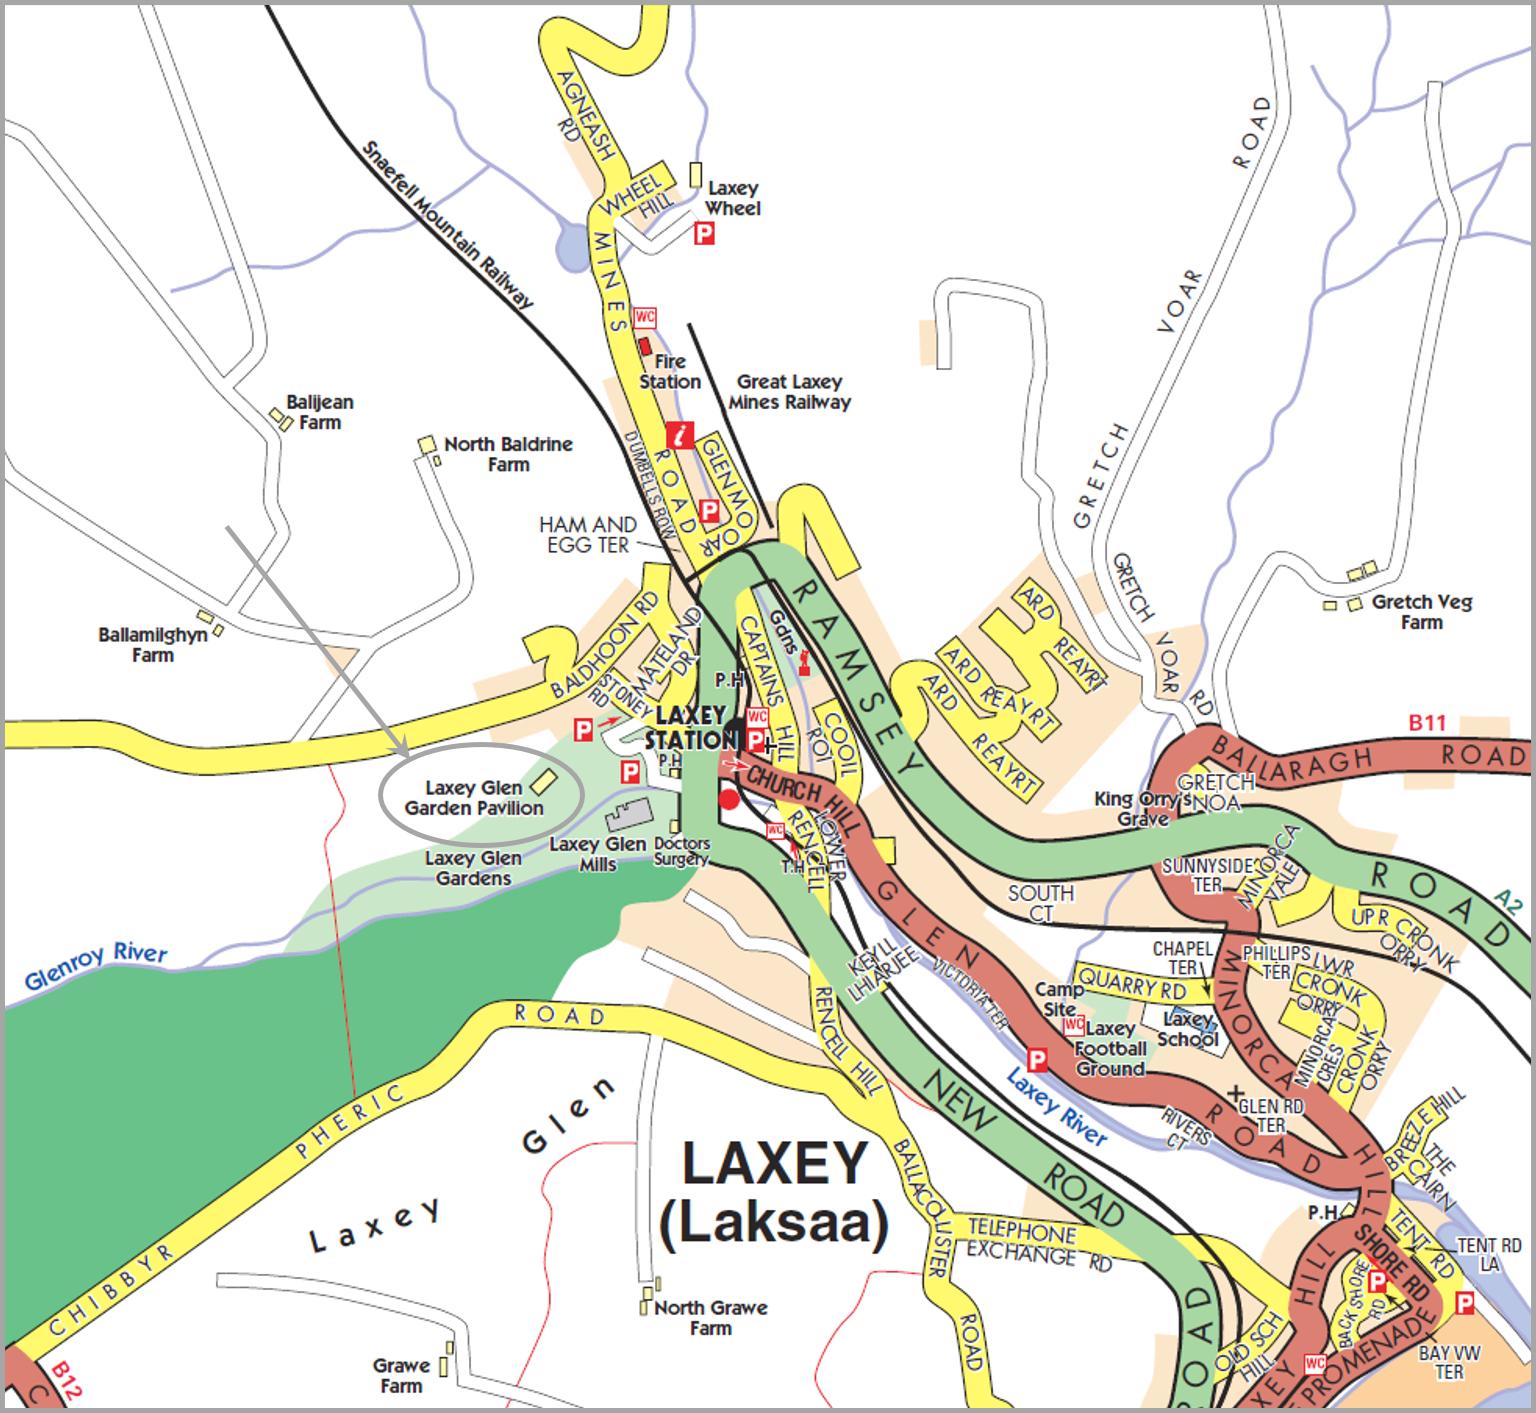 Laxey Glen Pavilion